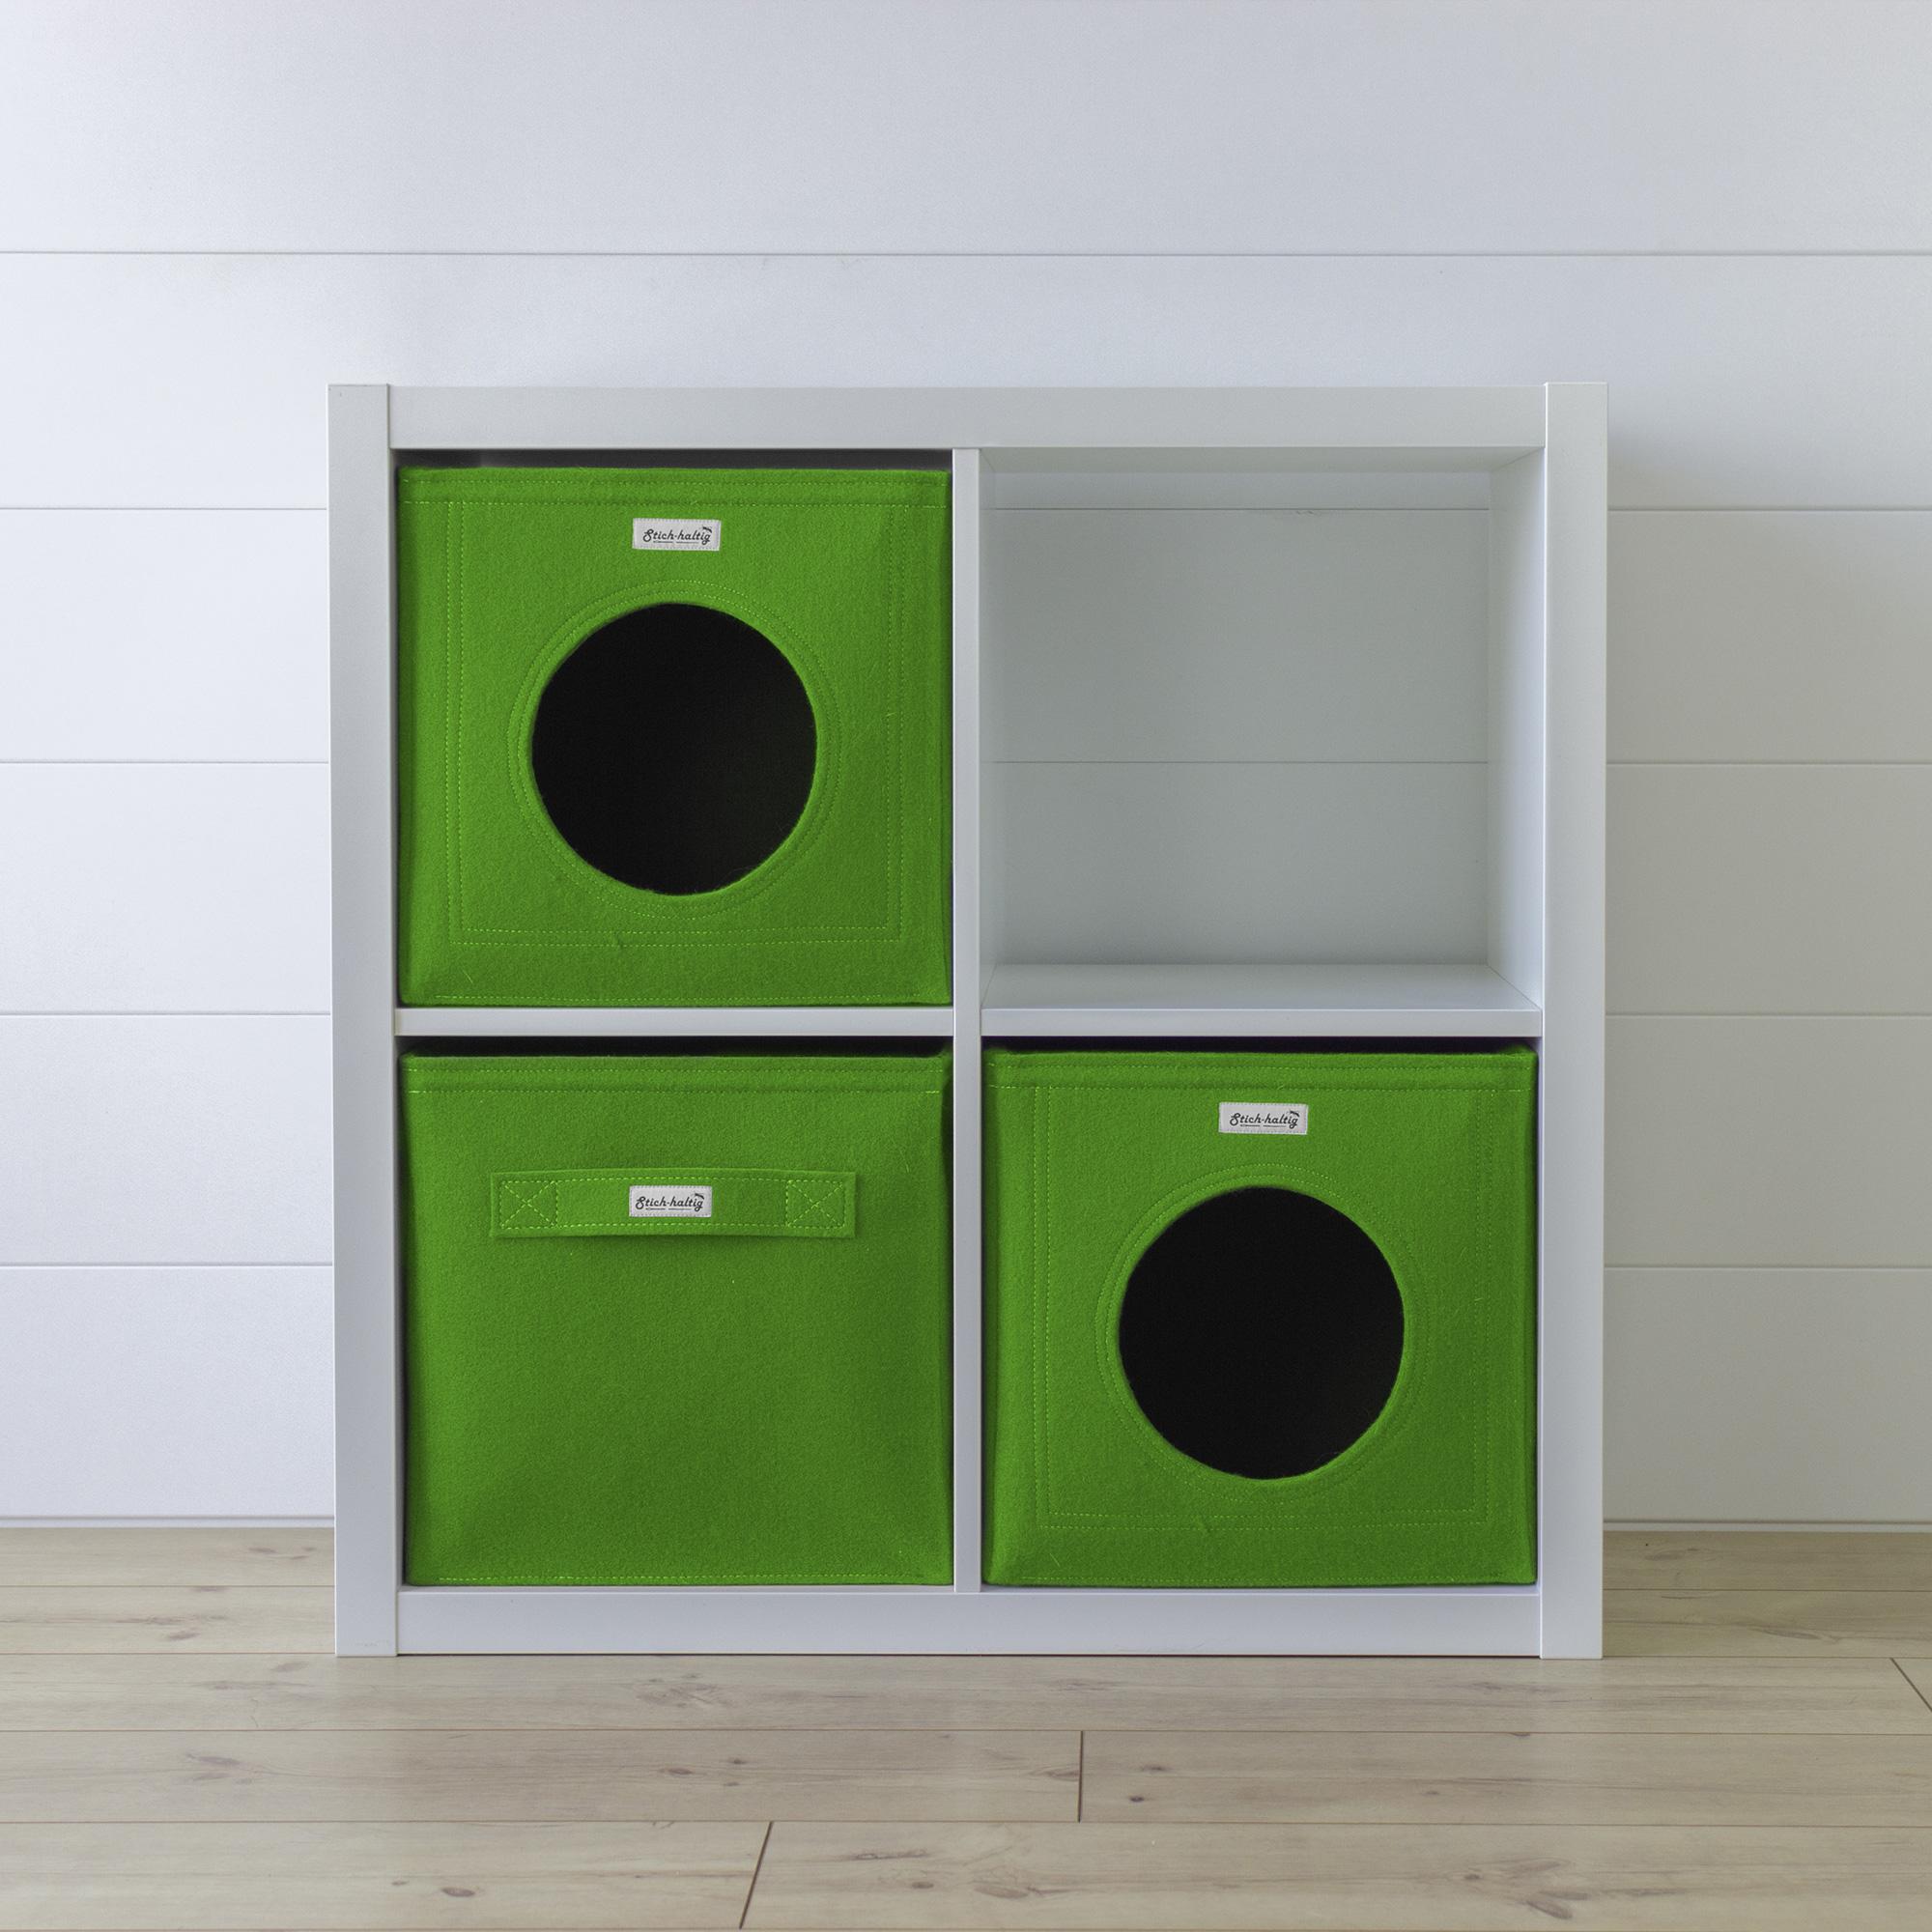 Full Size of Ikea Miniküche Küche Kaufen Kosten Sofa Mit Schlaffunktion Raumteiler Regal Betten 160x200 Modulküche Bei Wohnzimmer Raumteiler Ikea